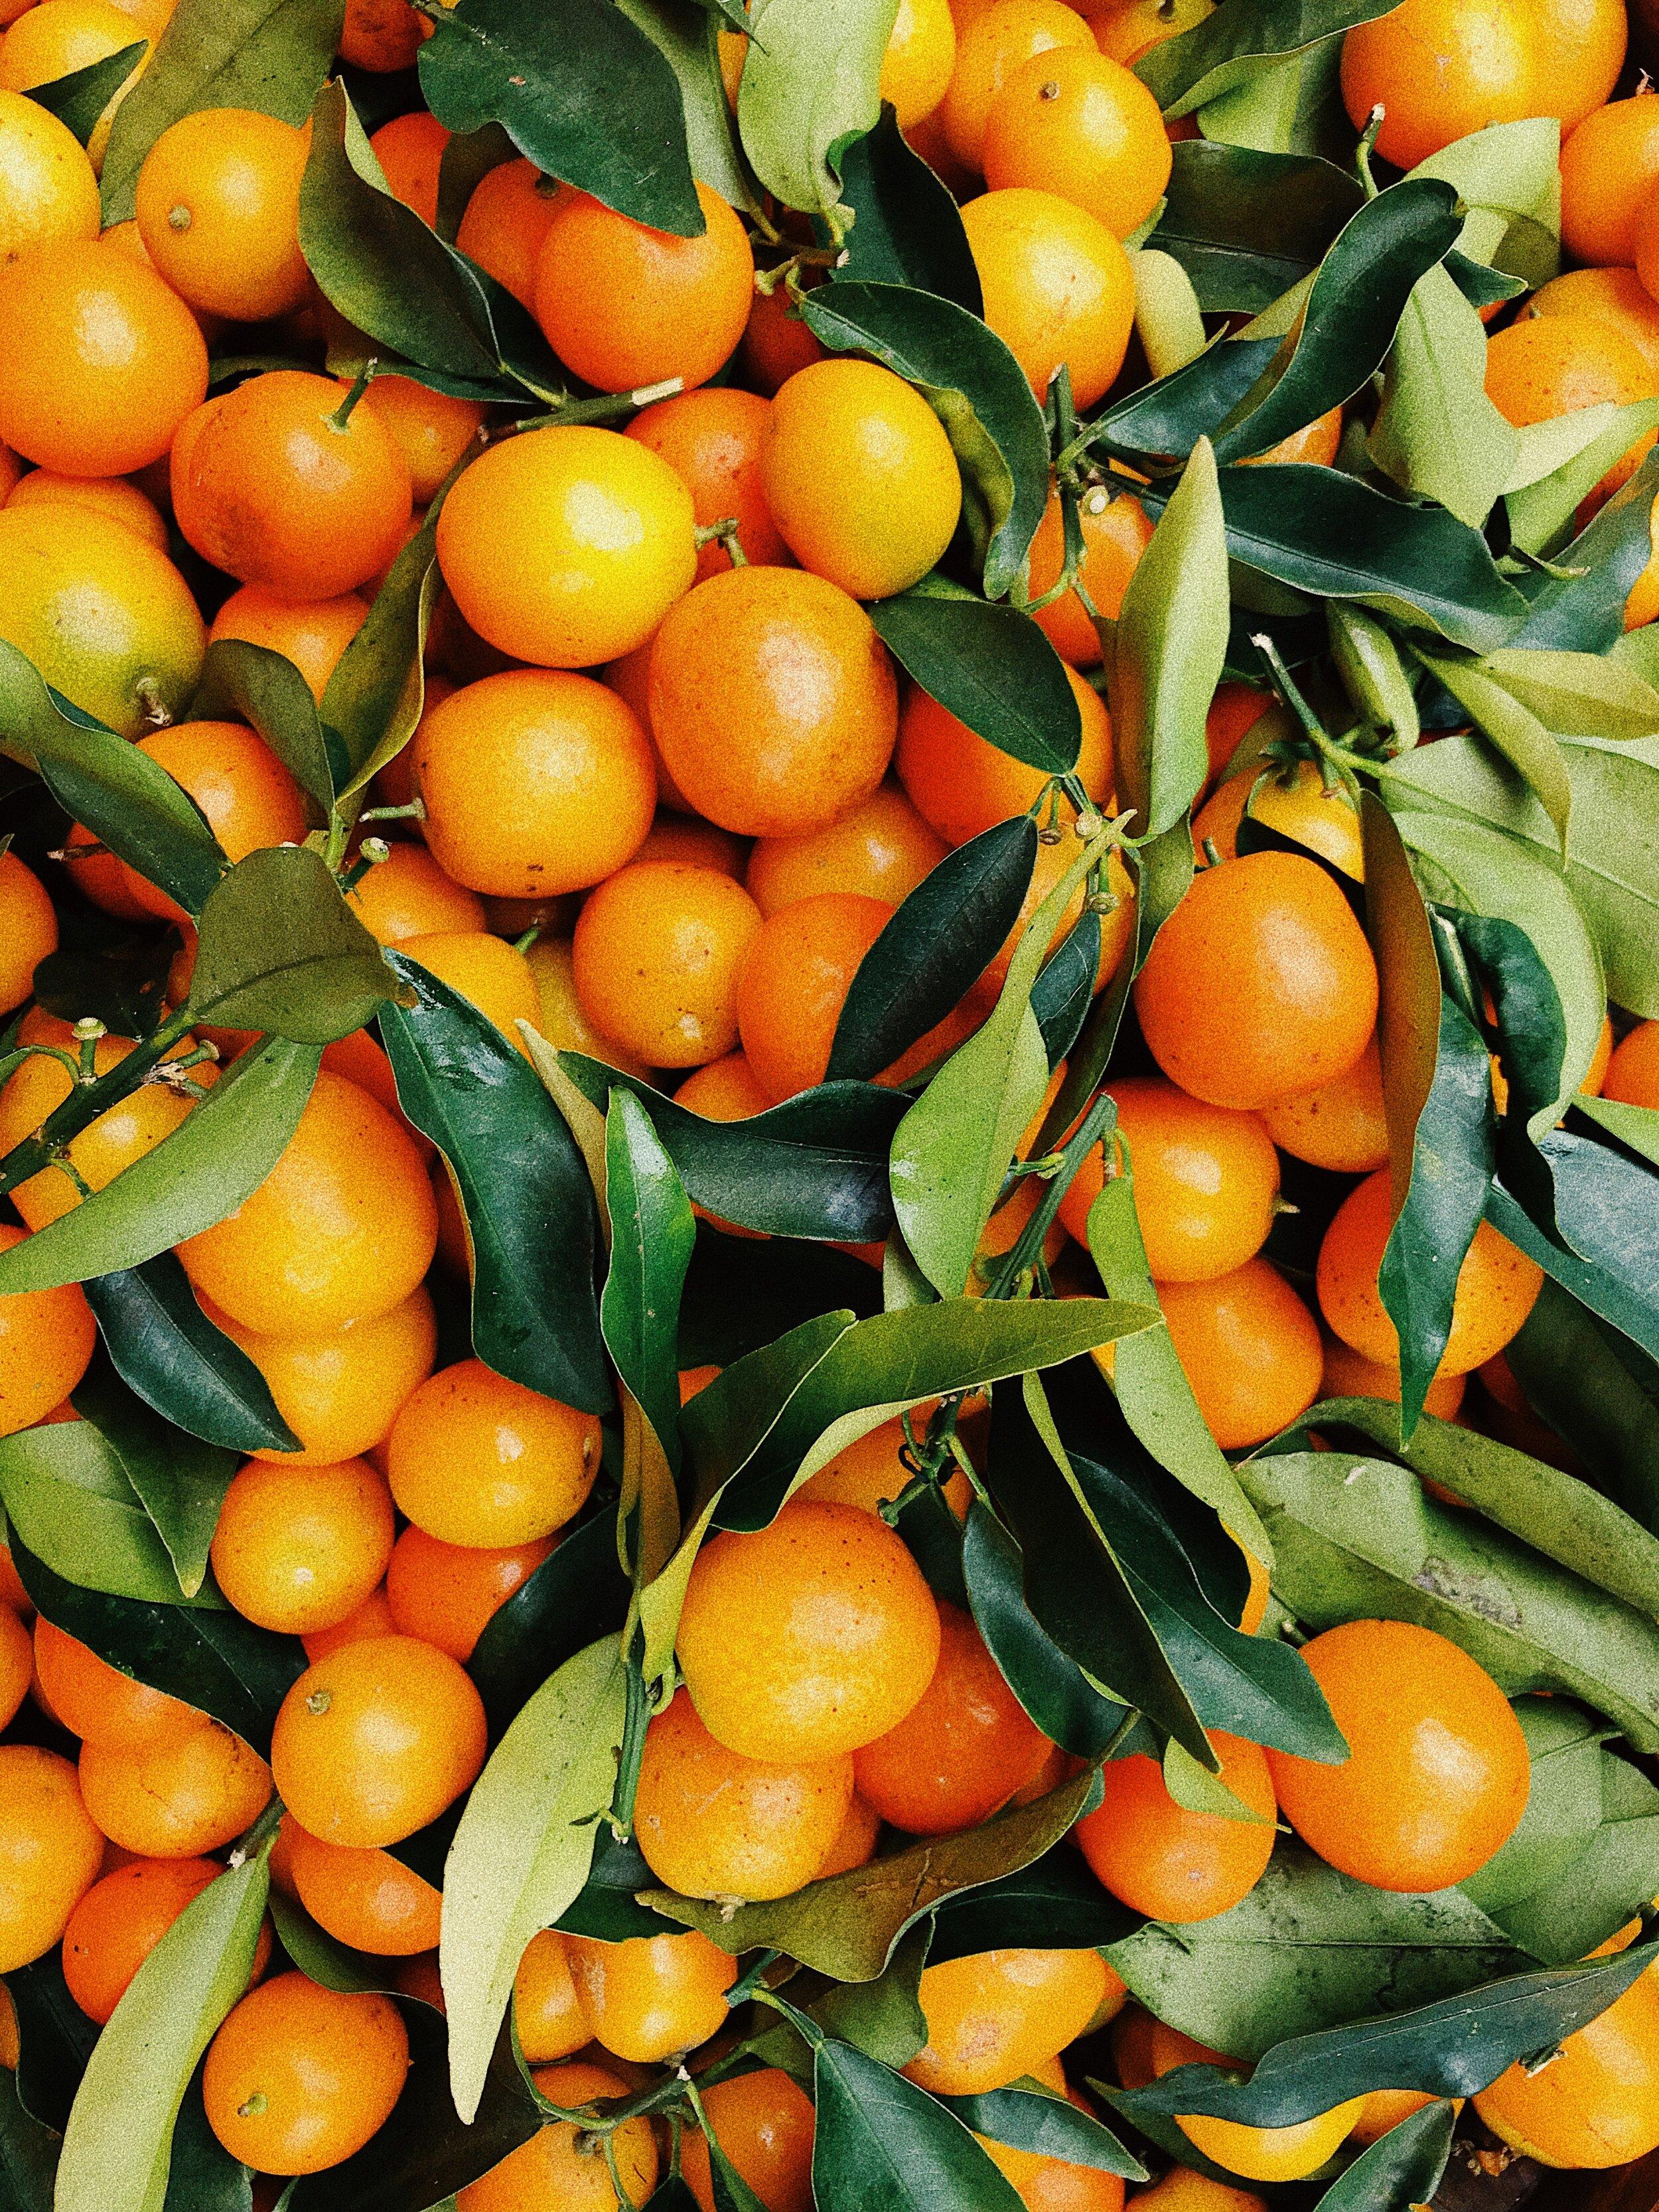 citrus-citrus-fruit-delicious-2294477.jpg